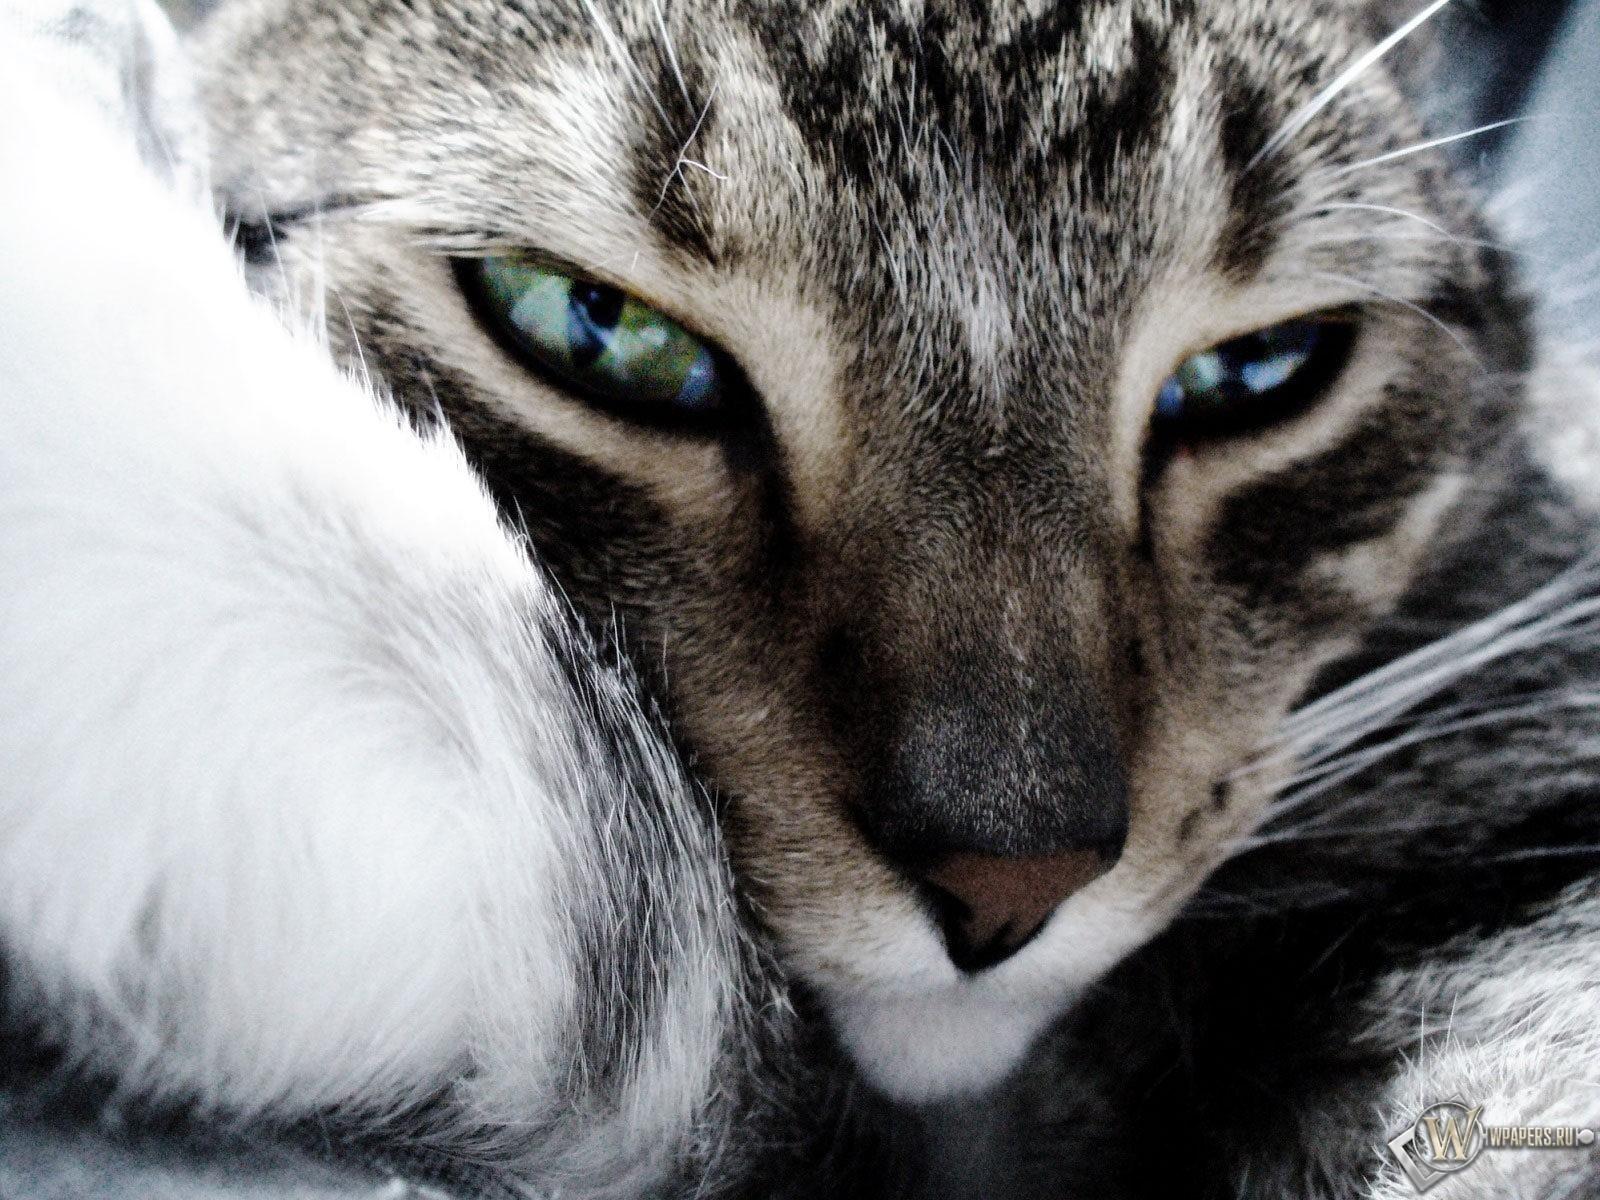 Мордашка кошки 1600x1200